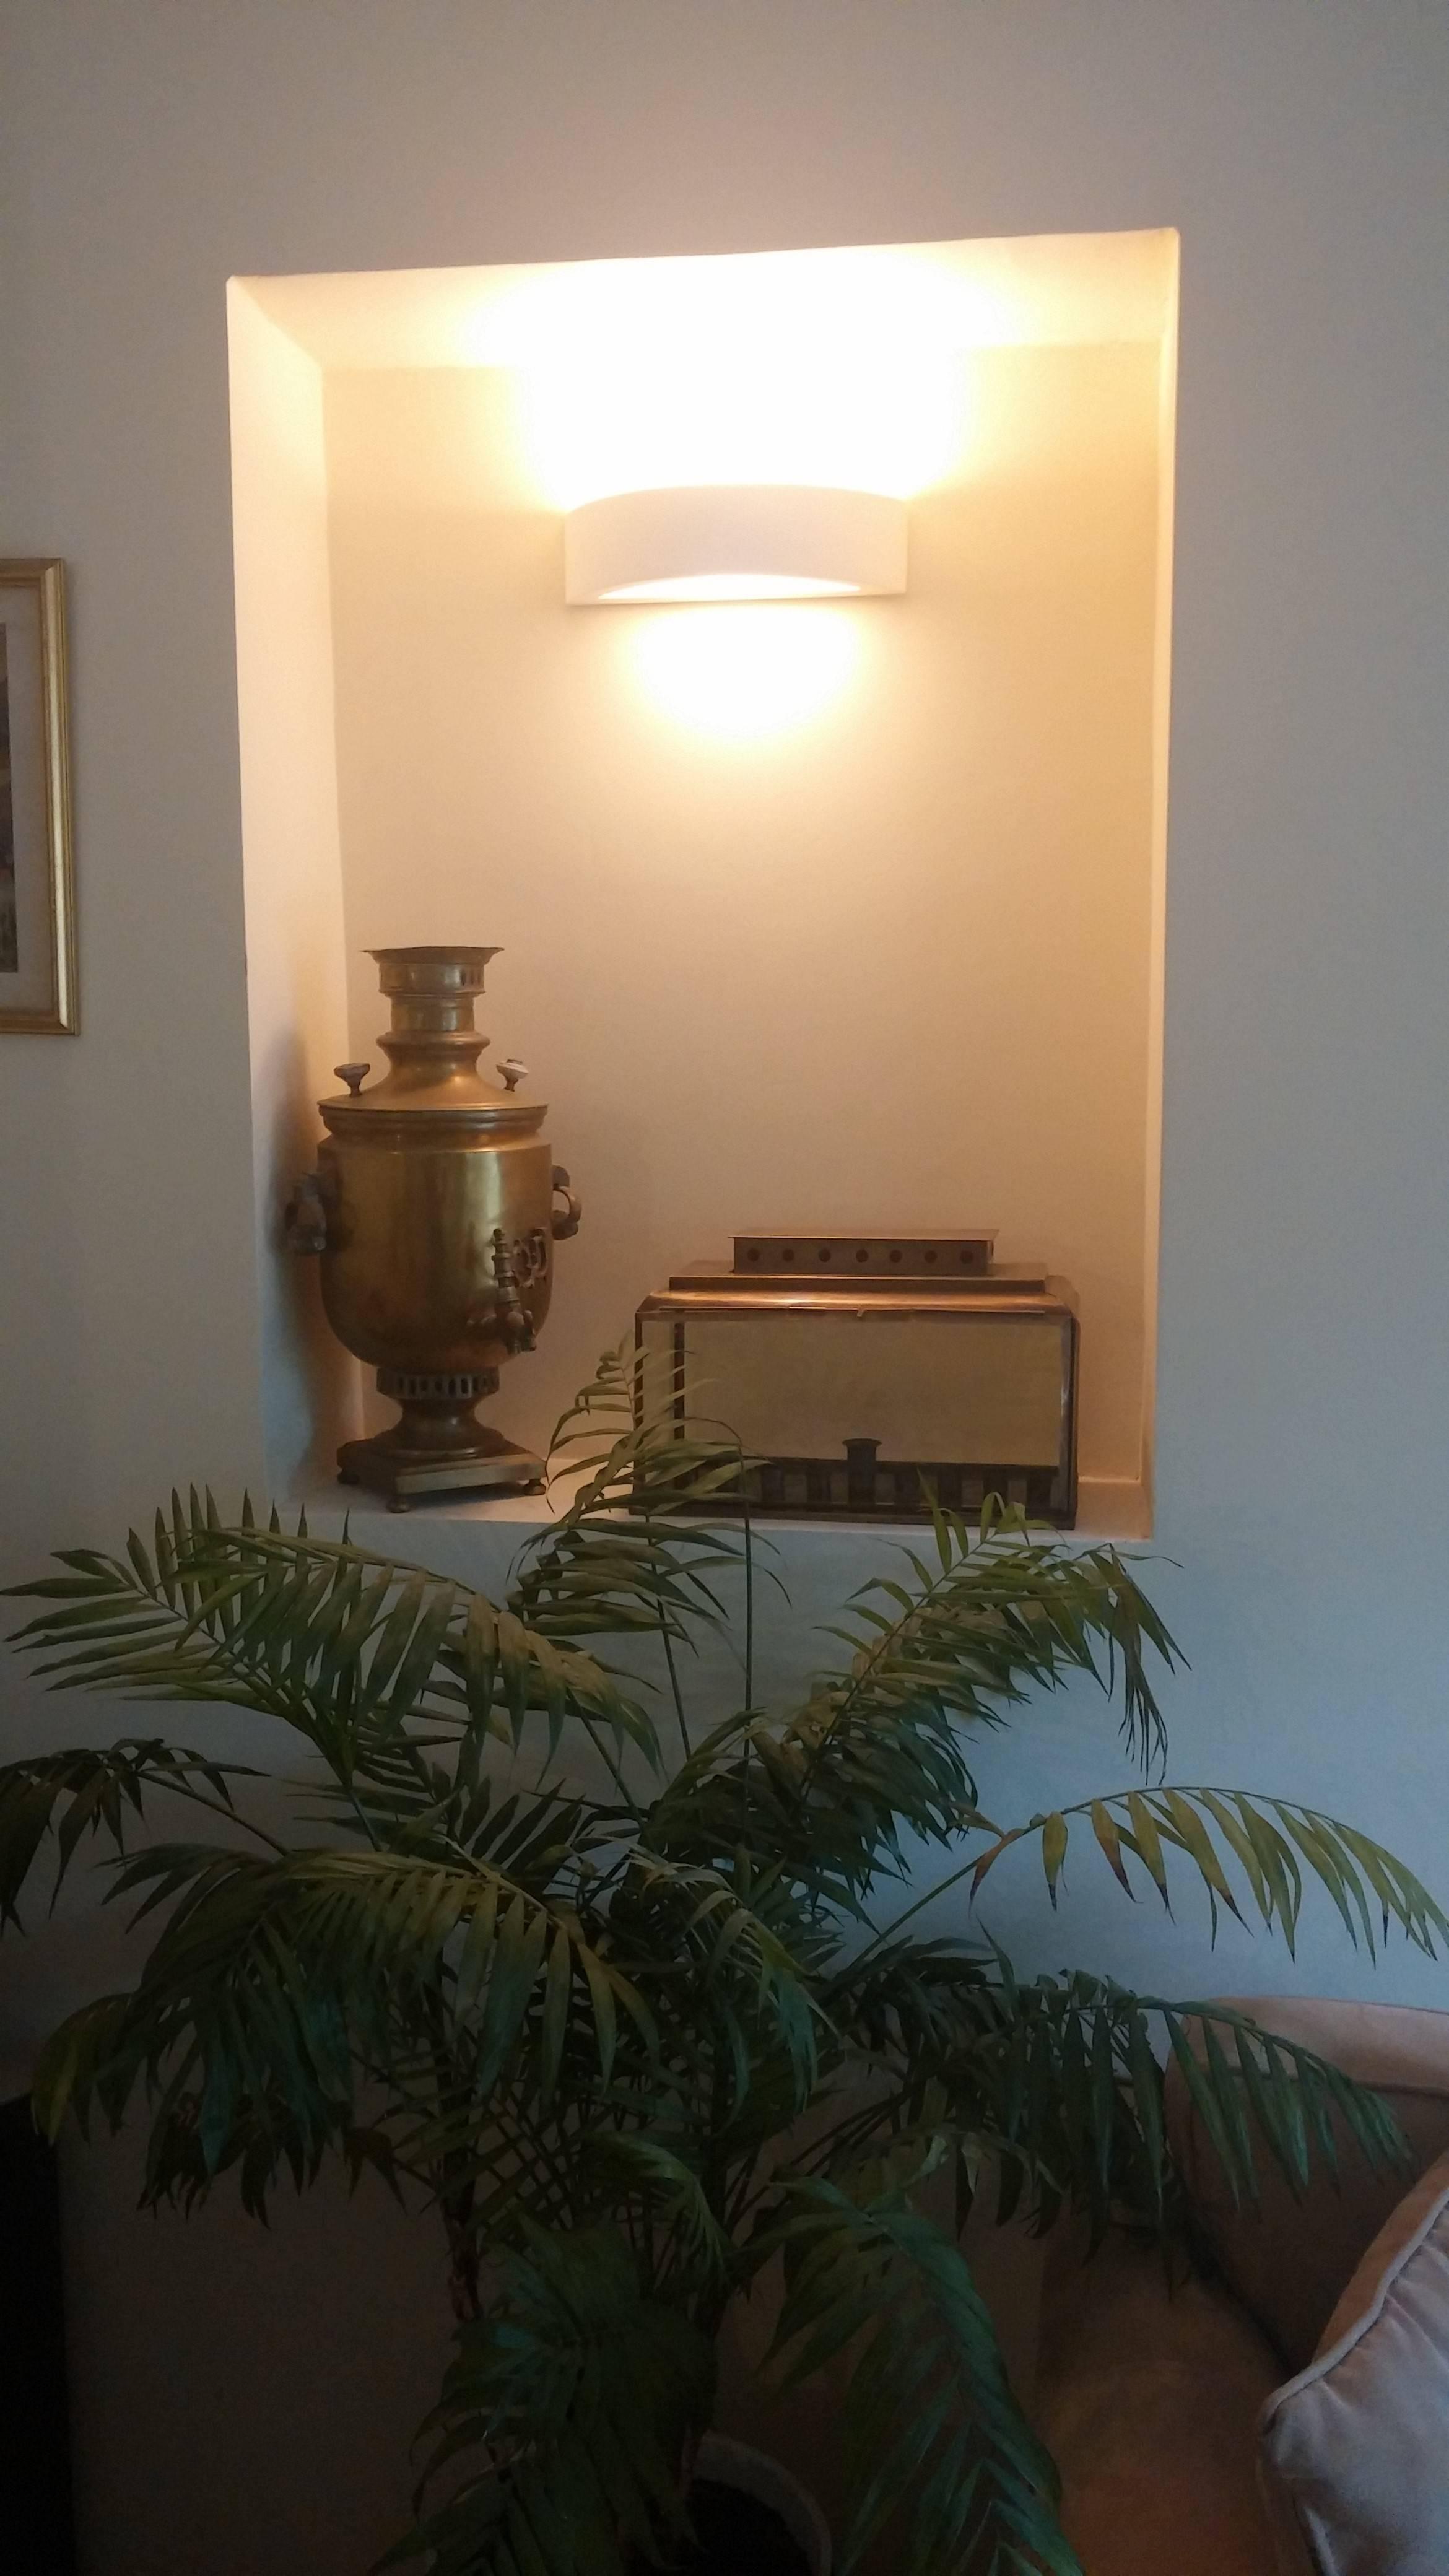 """חפצים - עיצוב הבית החנוכייה הקלאסית של """"חפצים""""  בביתה של נורית לוי"""